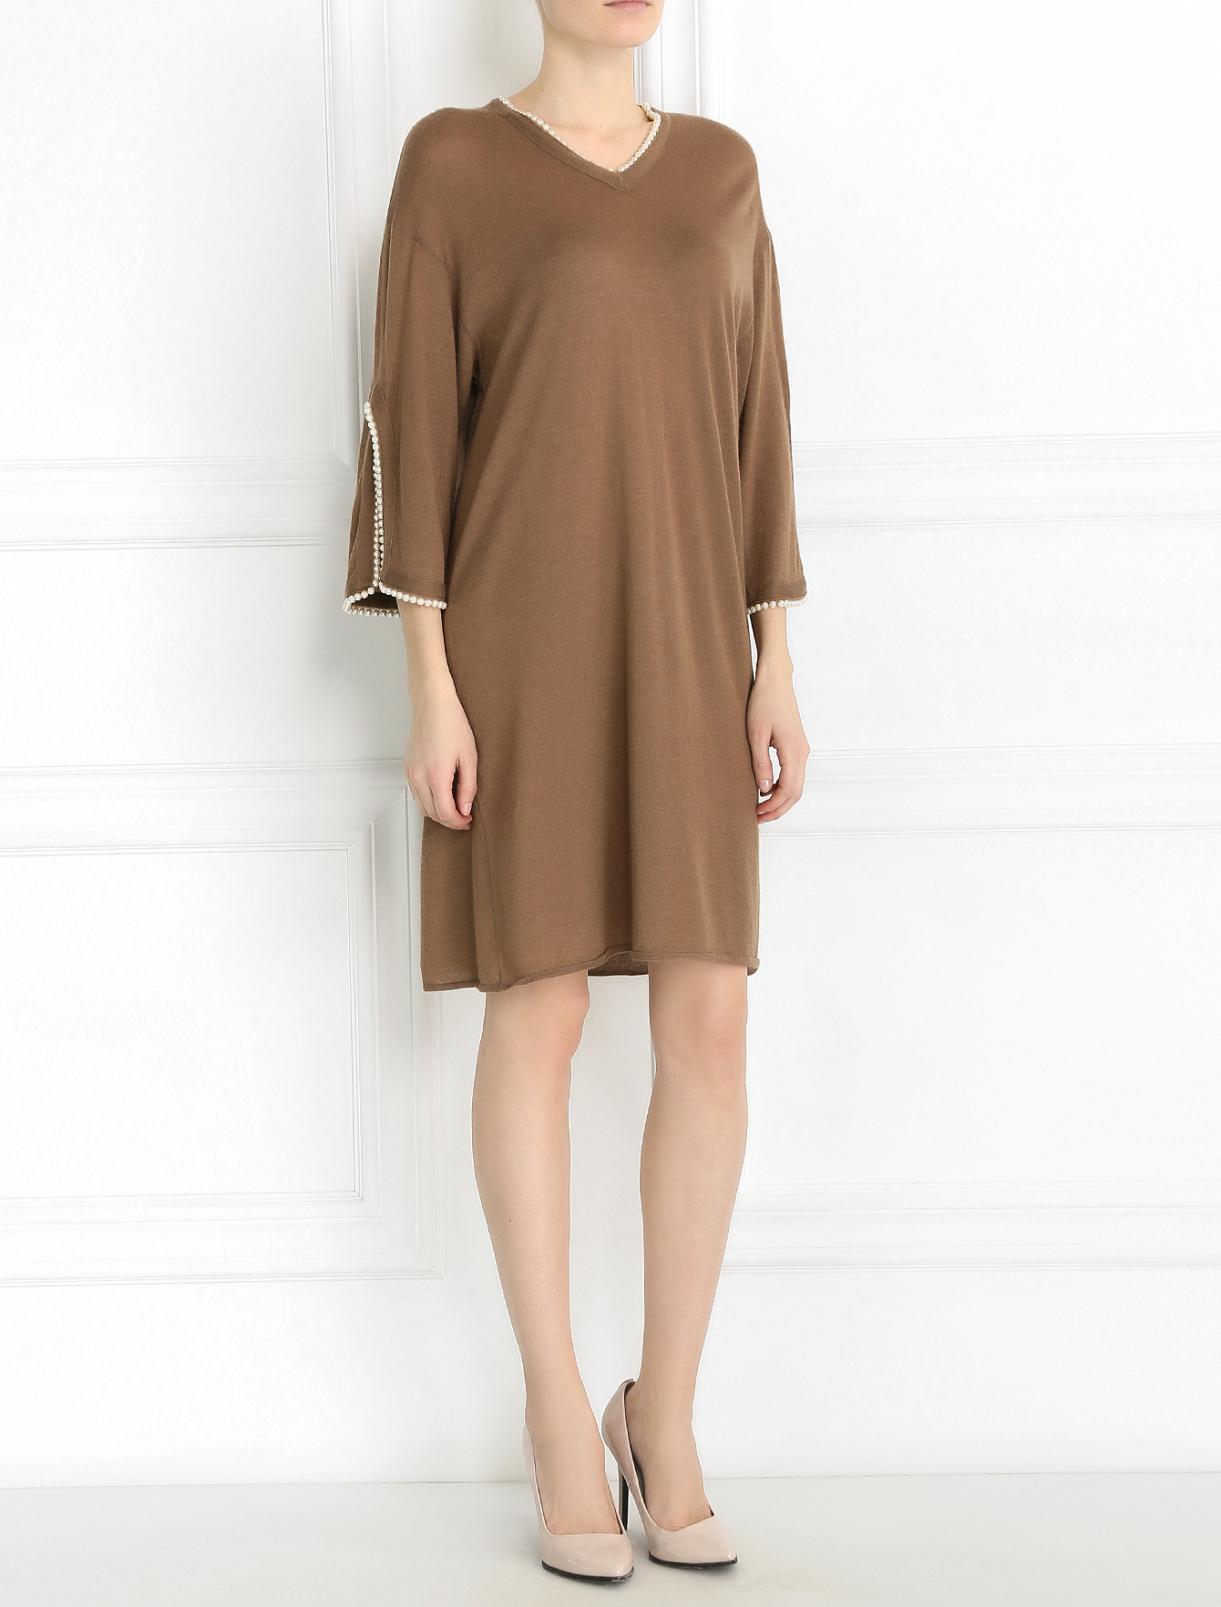 Платье из смешанного кашемира декорированное бусинами Andrew GN  –  Модель Общий вид